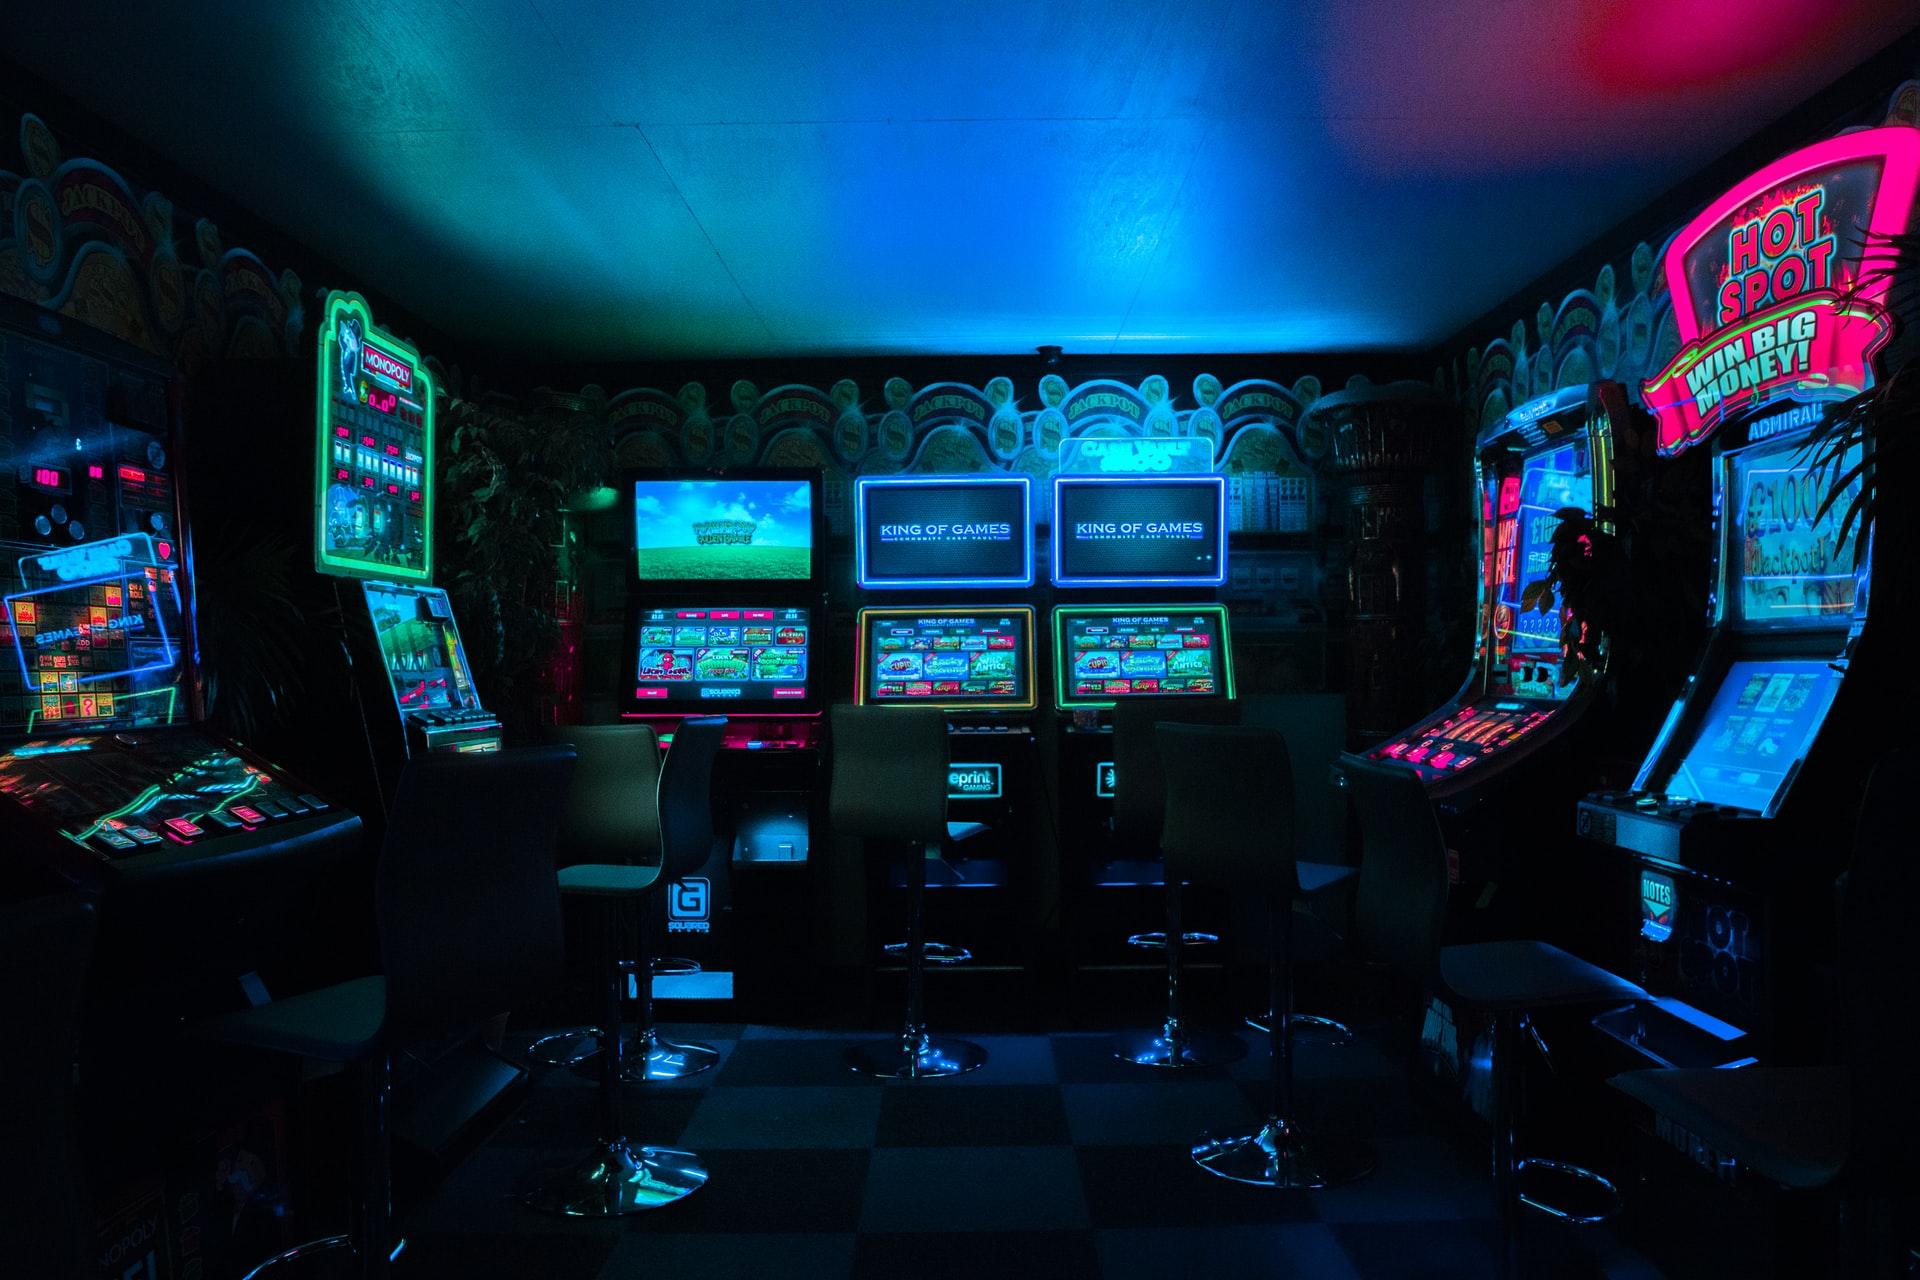 Spielautomaten leuchten in dunklem Raum